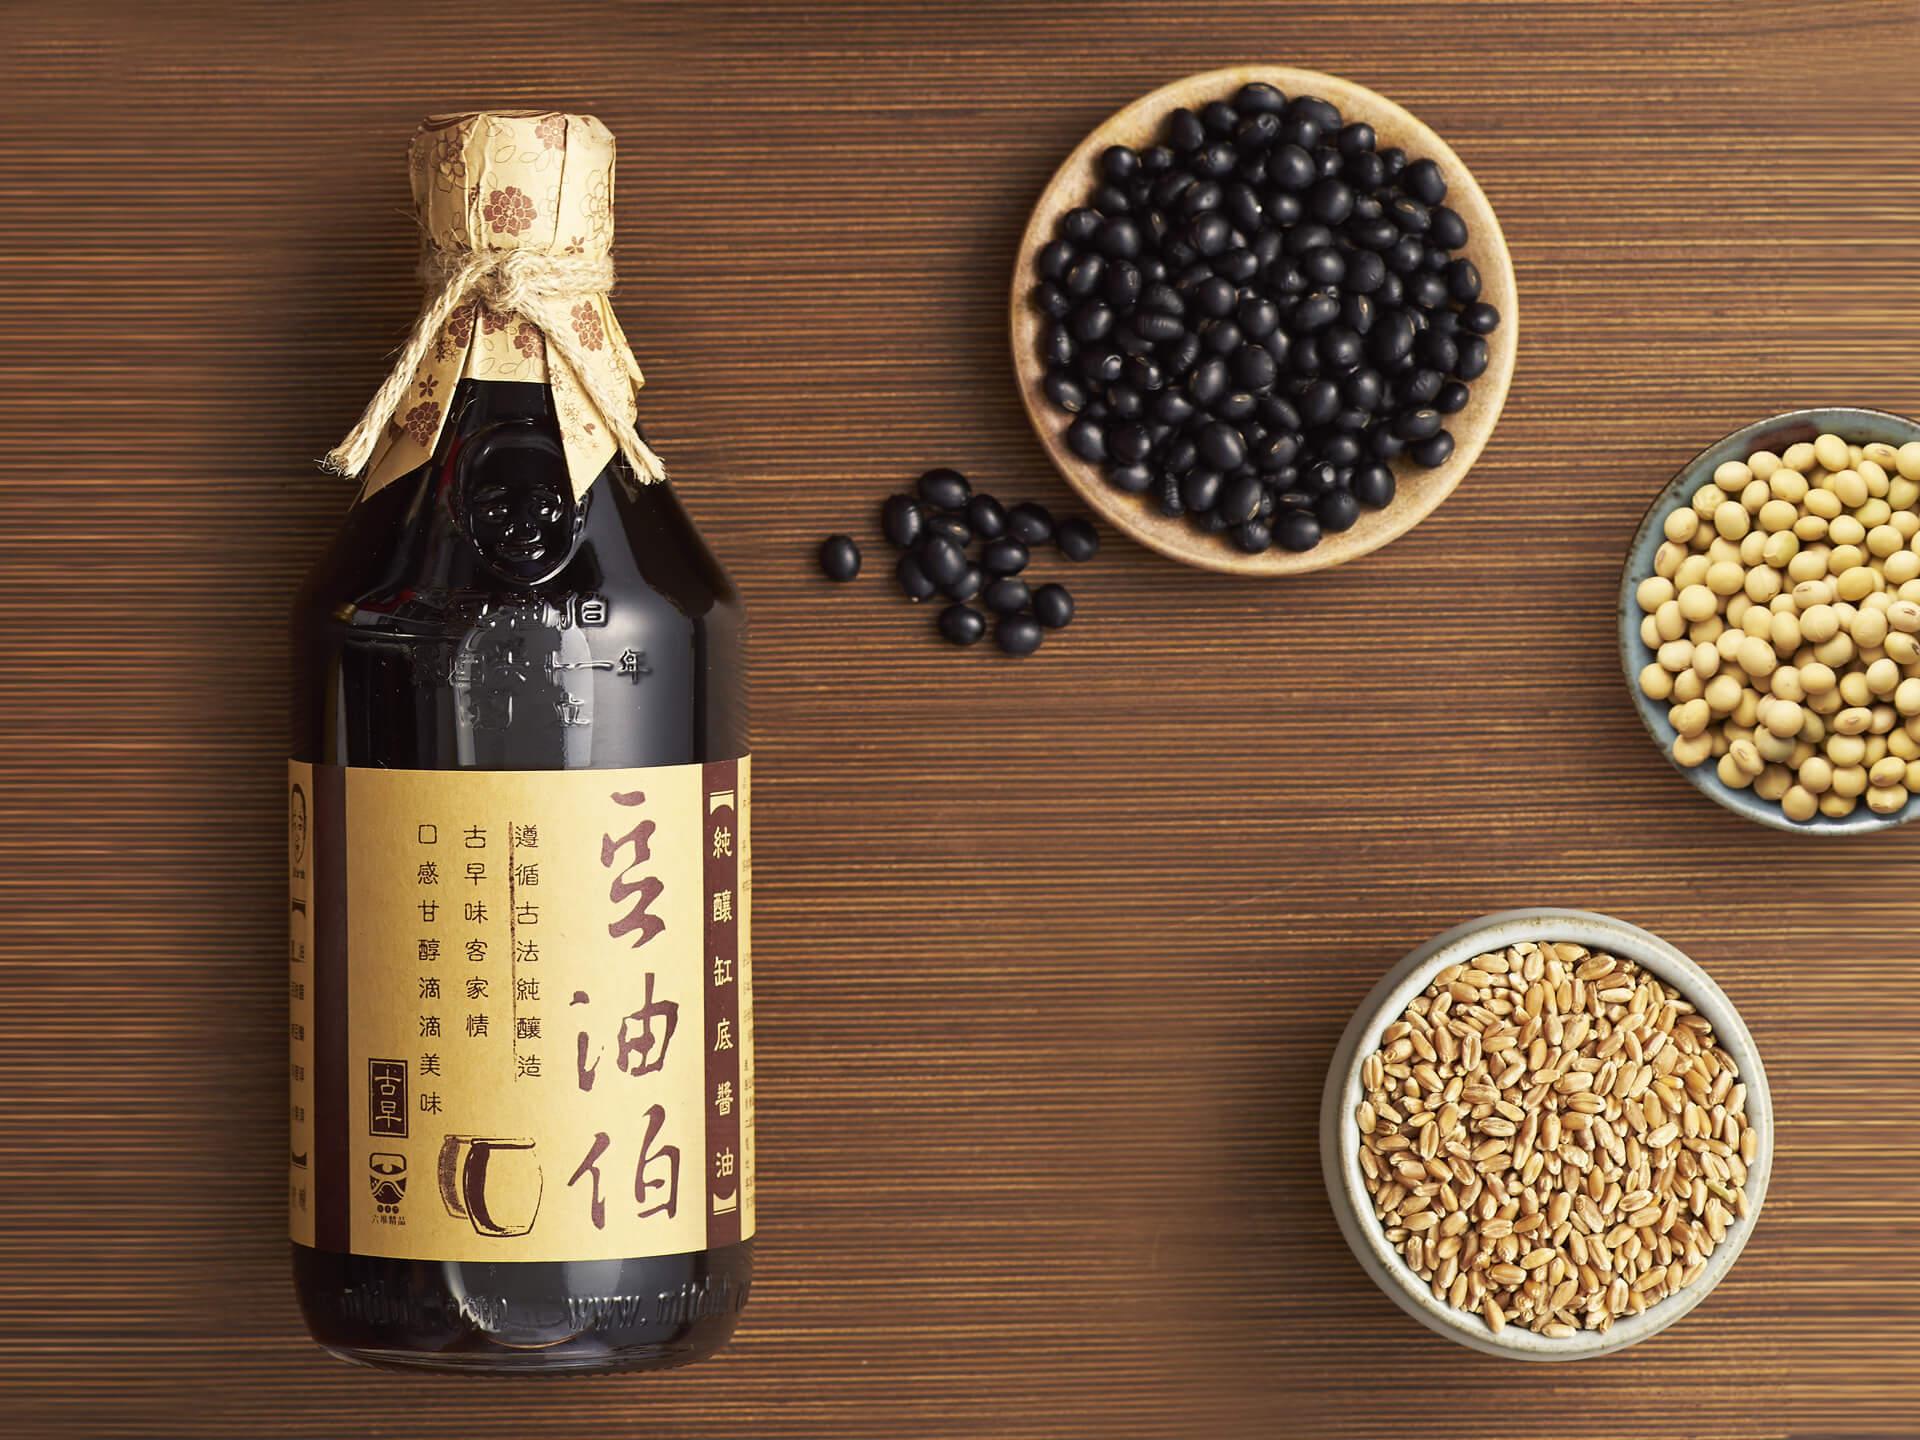 醬油推薦:豆油伯缸底醬油 征服你的料理魂